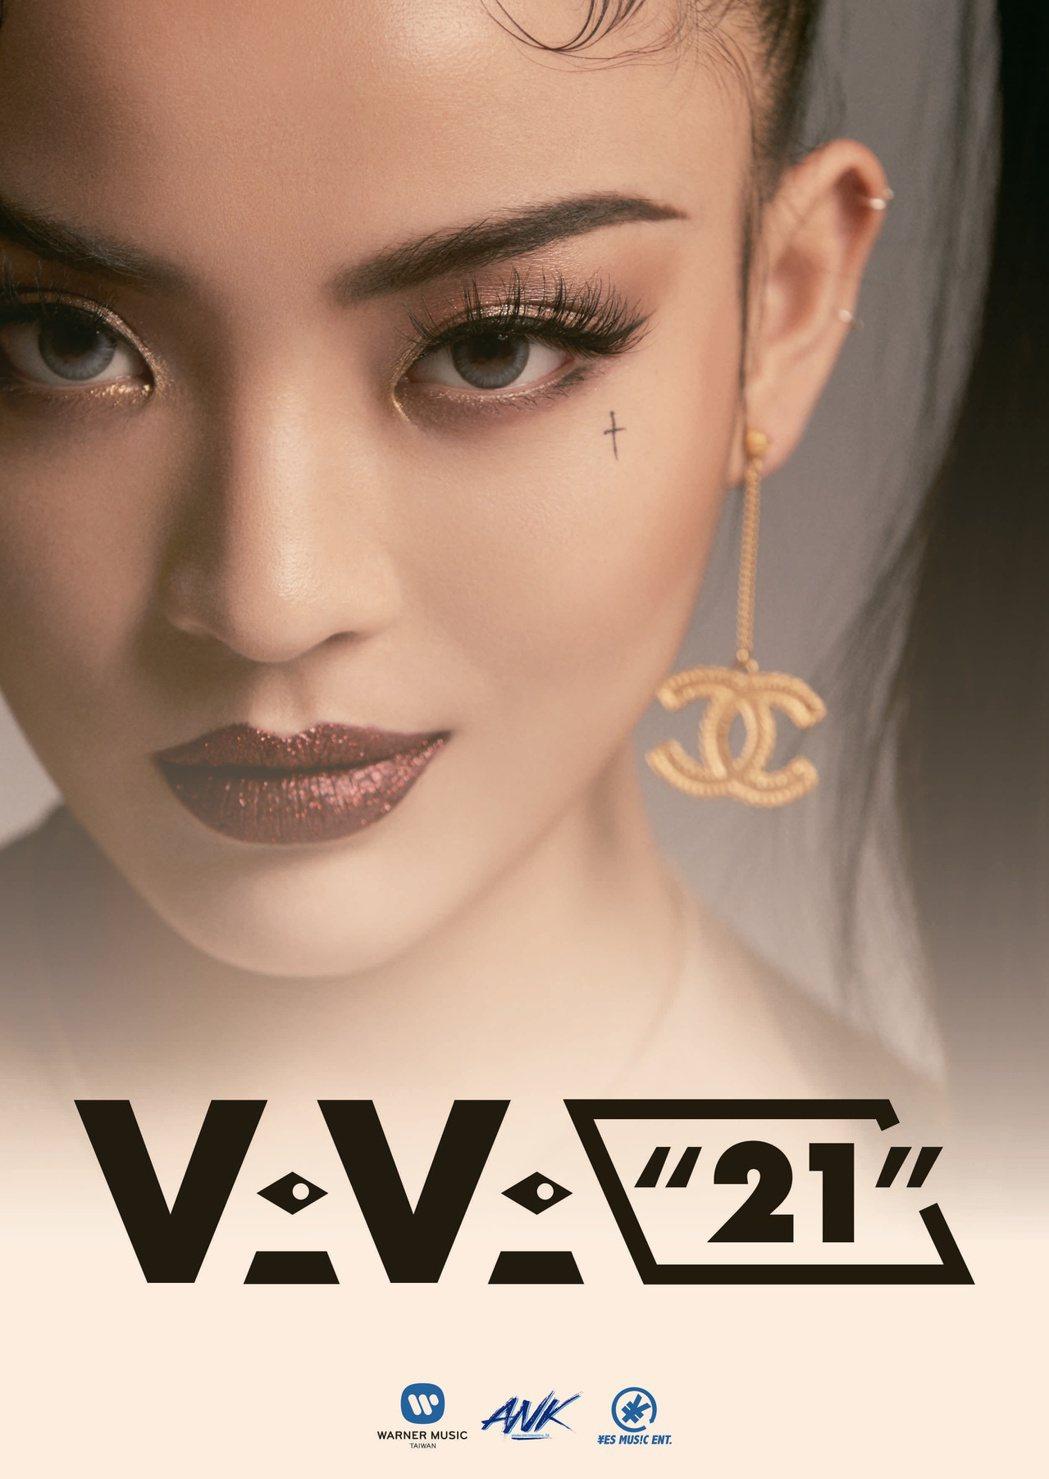 VAVA來台宣傳被迫取消。圖/混血兒娛樂提供